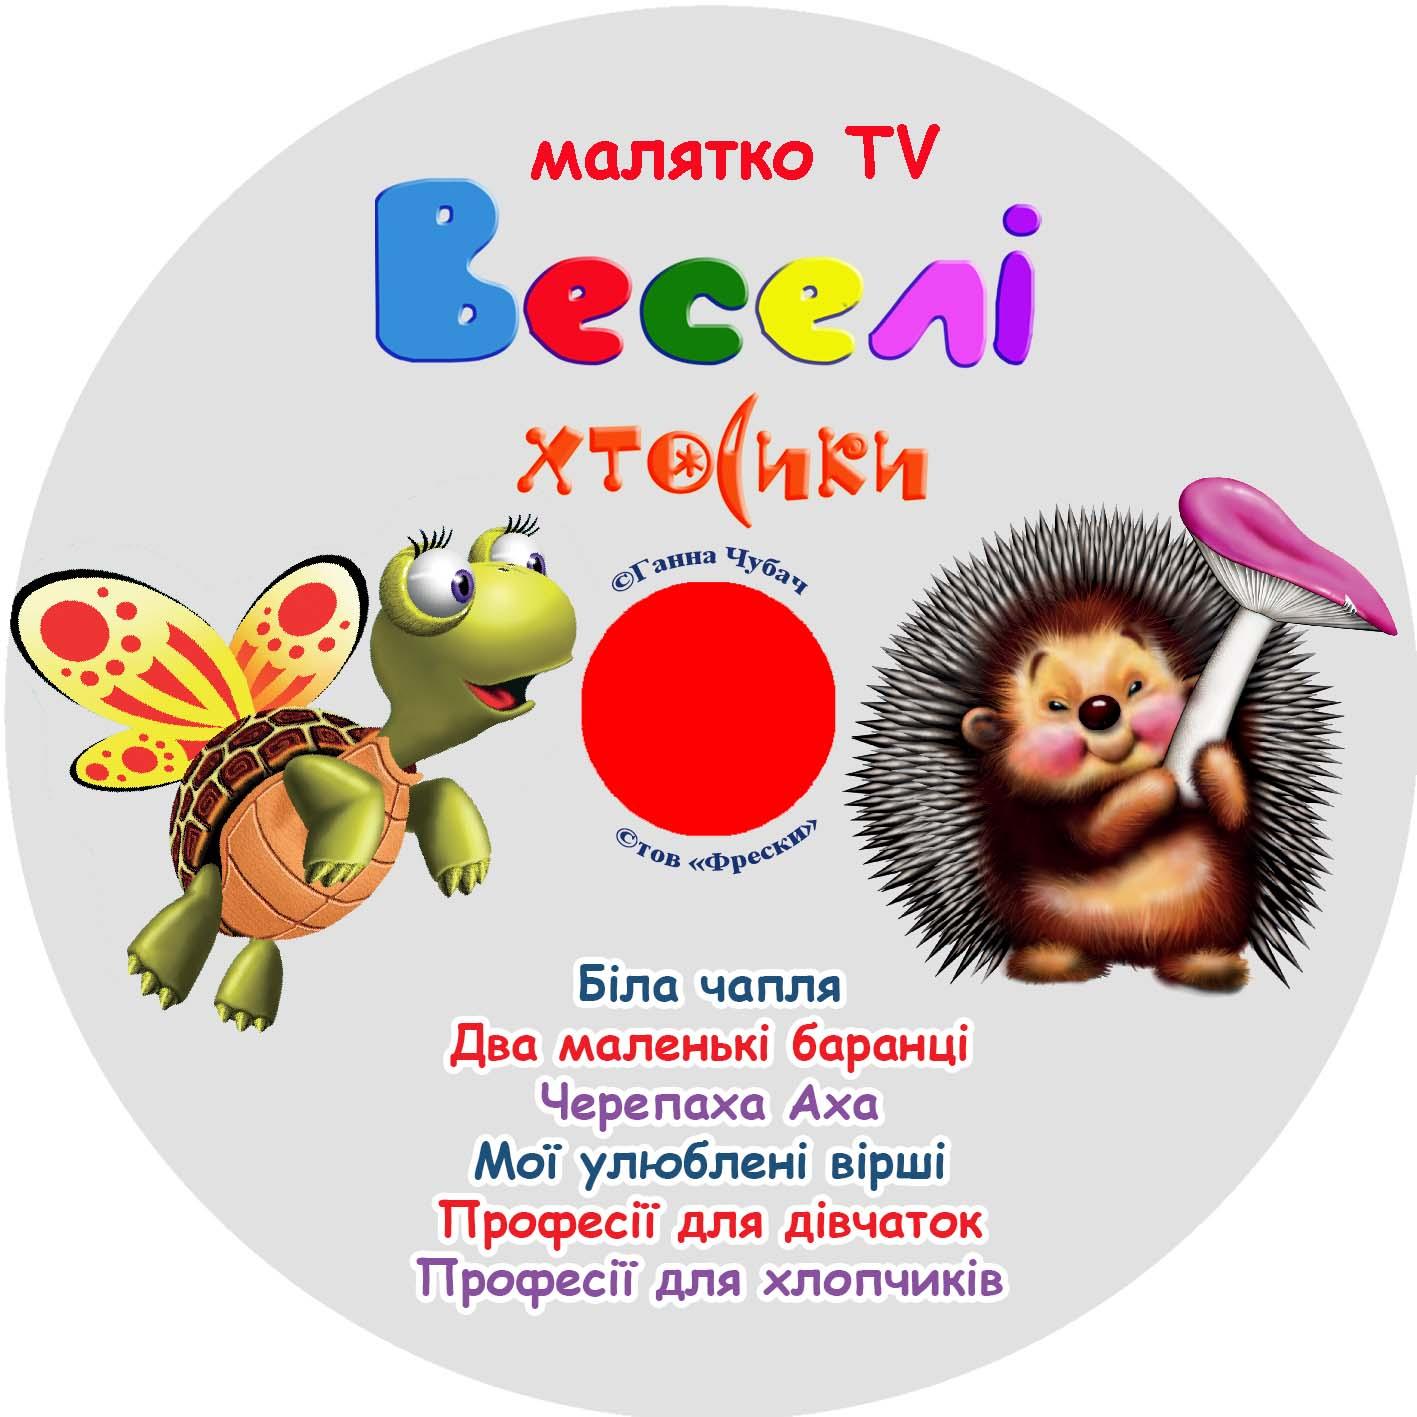 Veseli_khtosyky_4_DVD